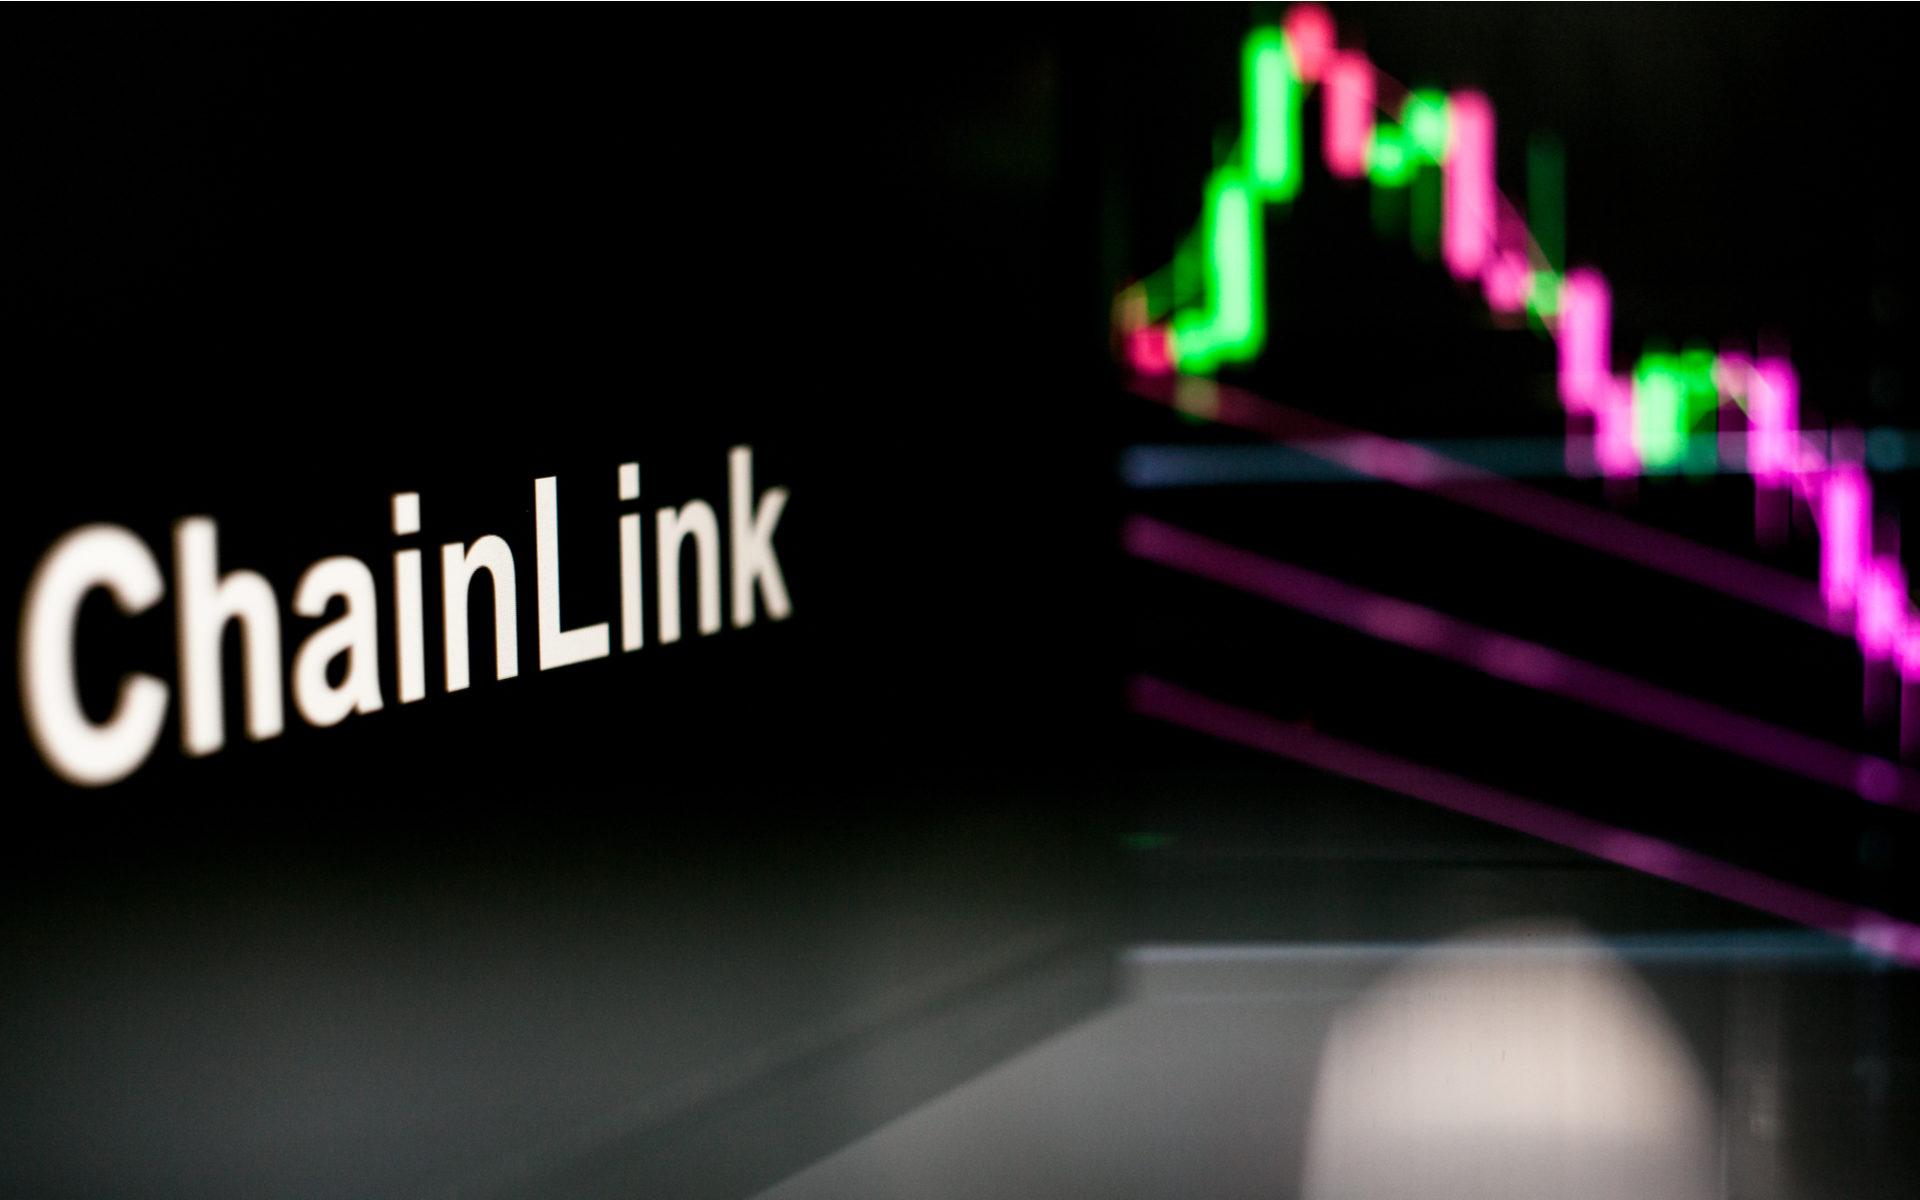 Martin institutional crypto lending